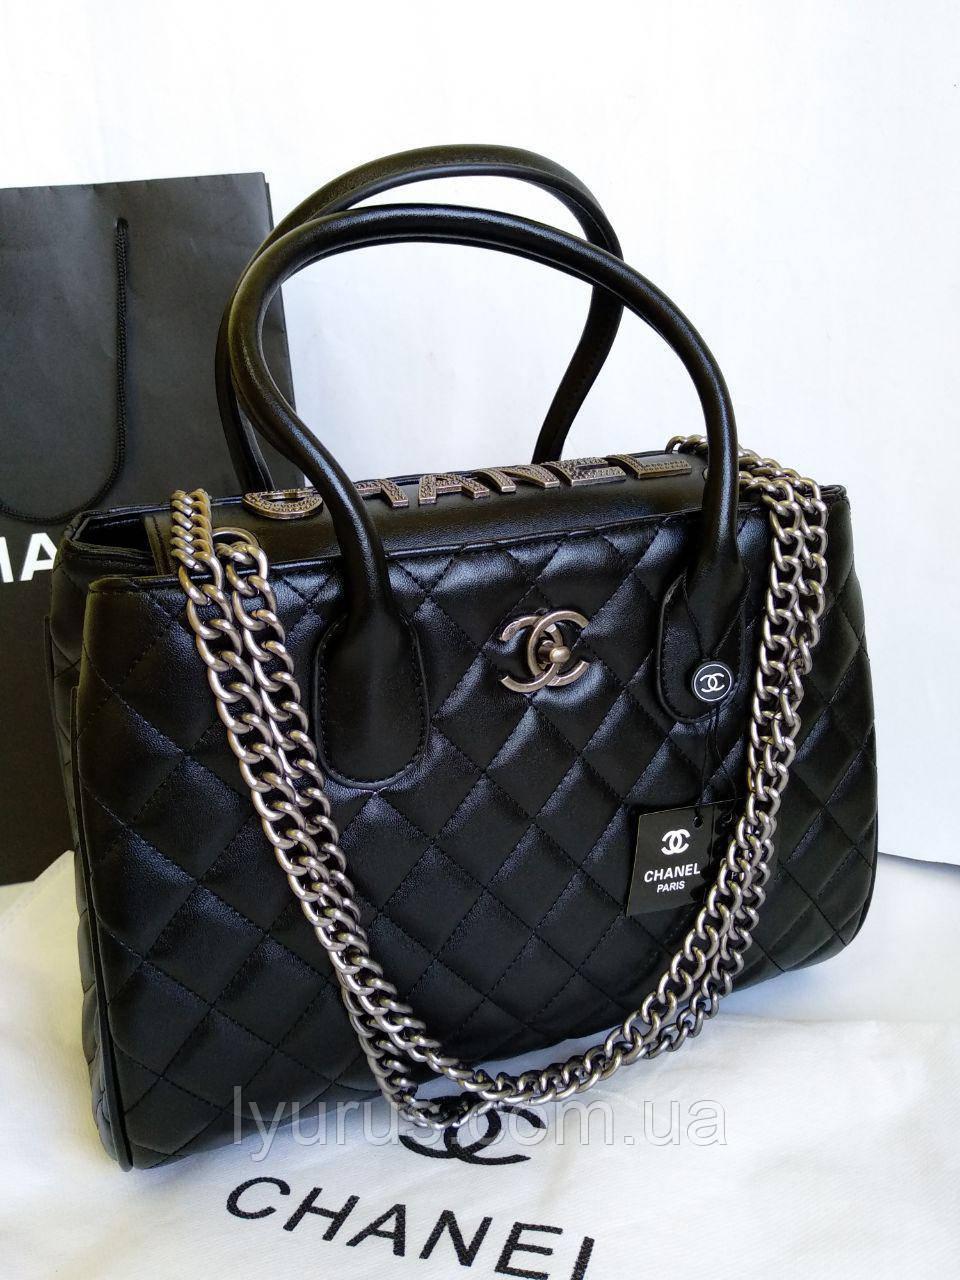 Женская сумка в стиле Шанель стеганная